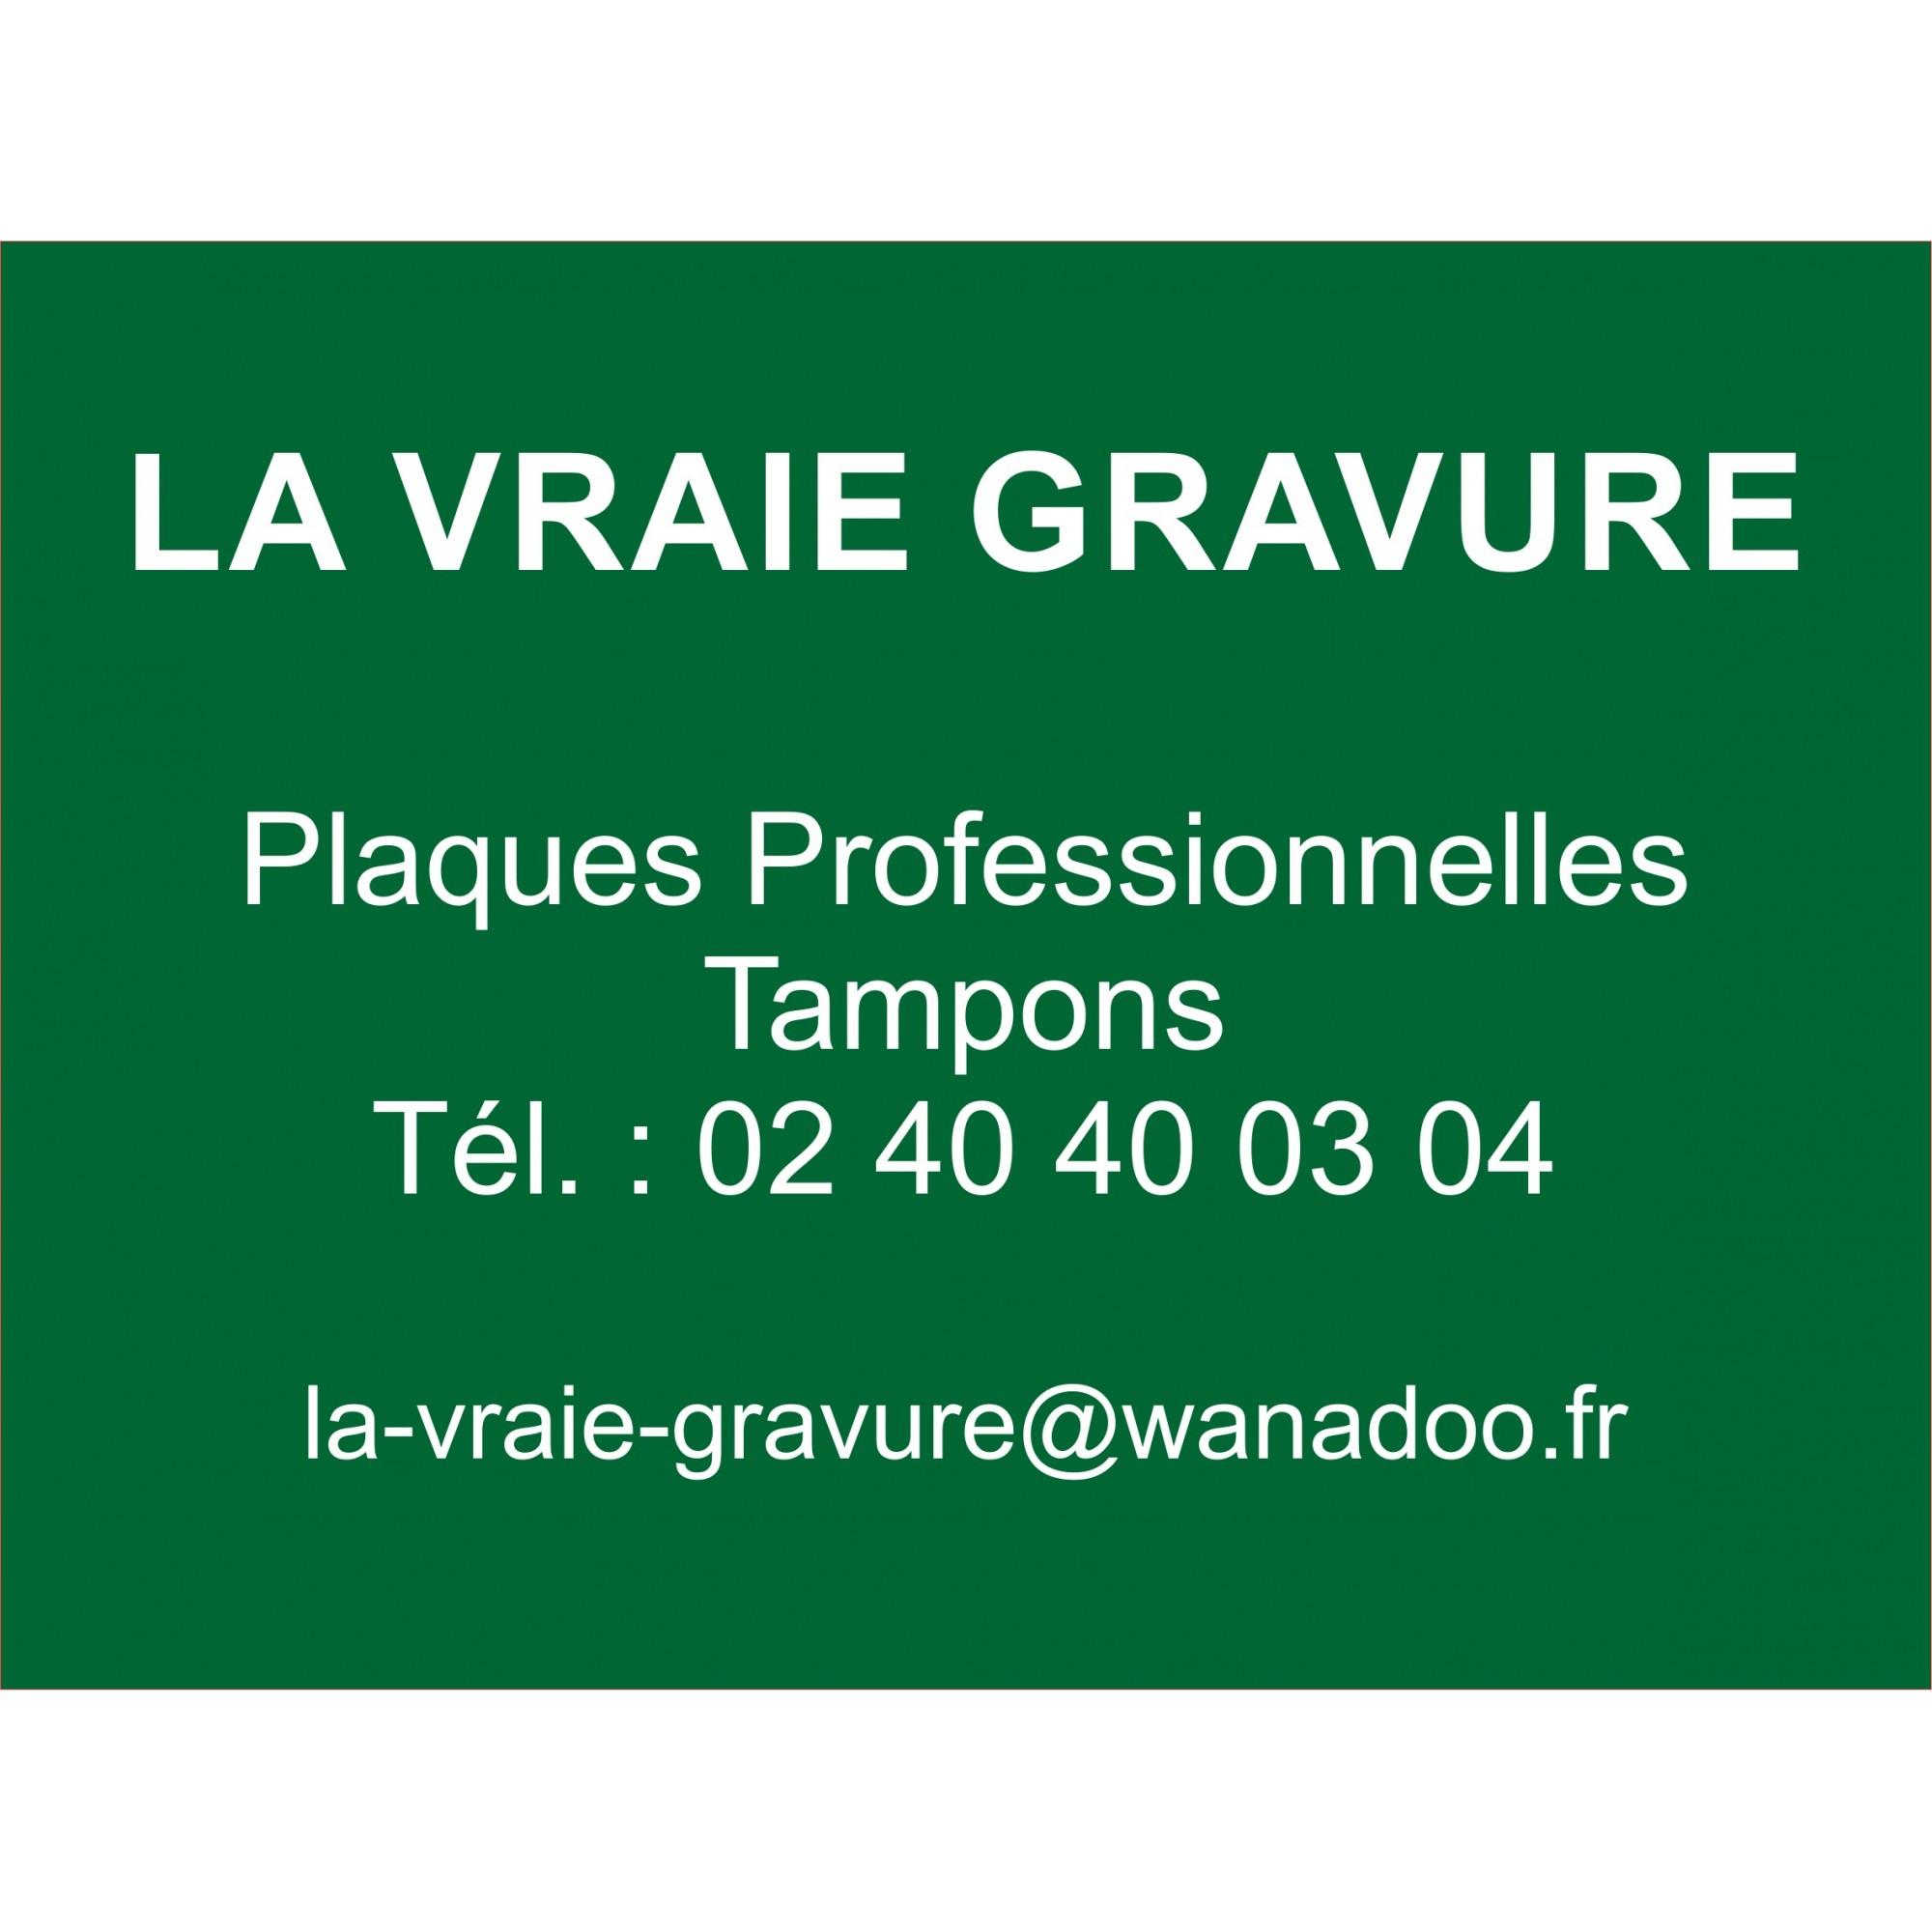 PLAQUE PLEXI GRAVEE 60x40 CM COULEUR